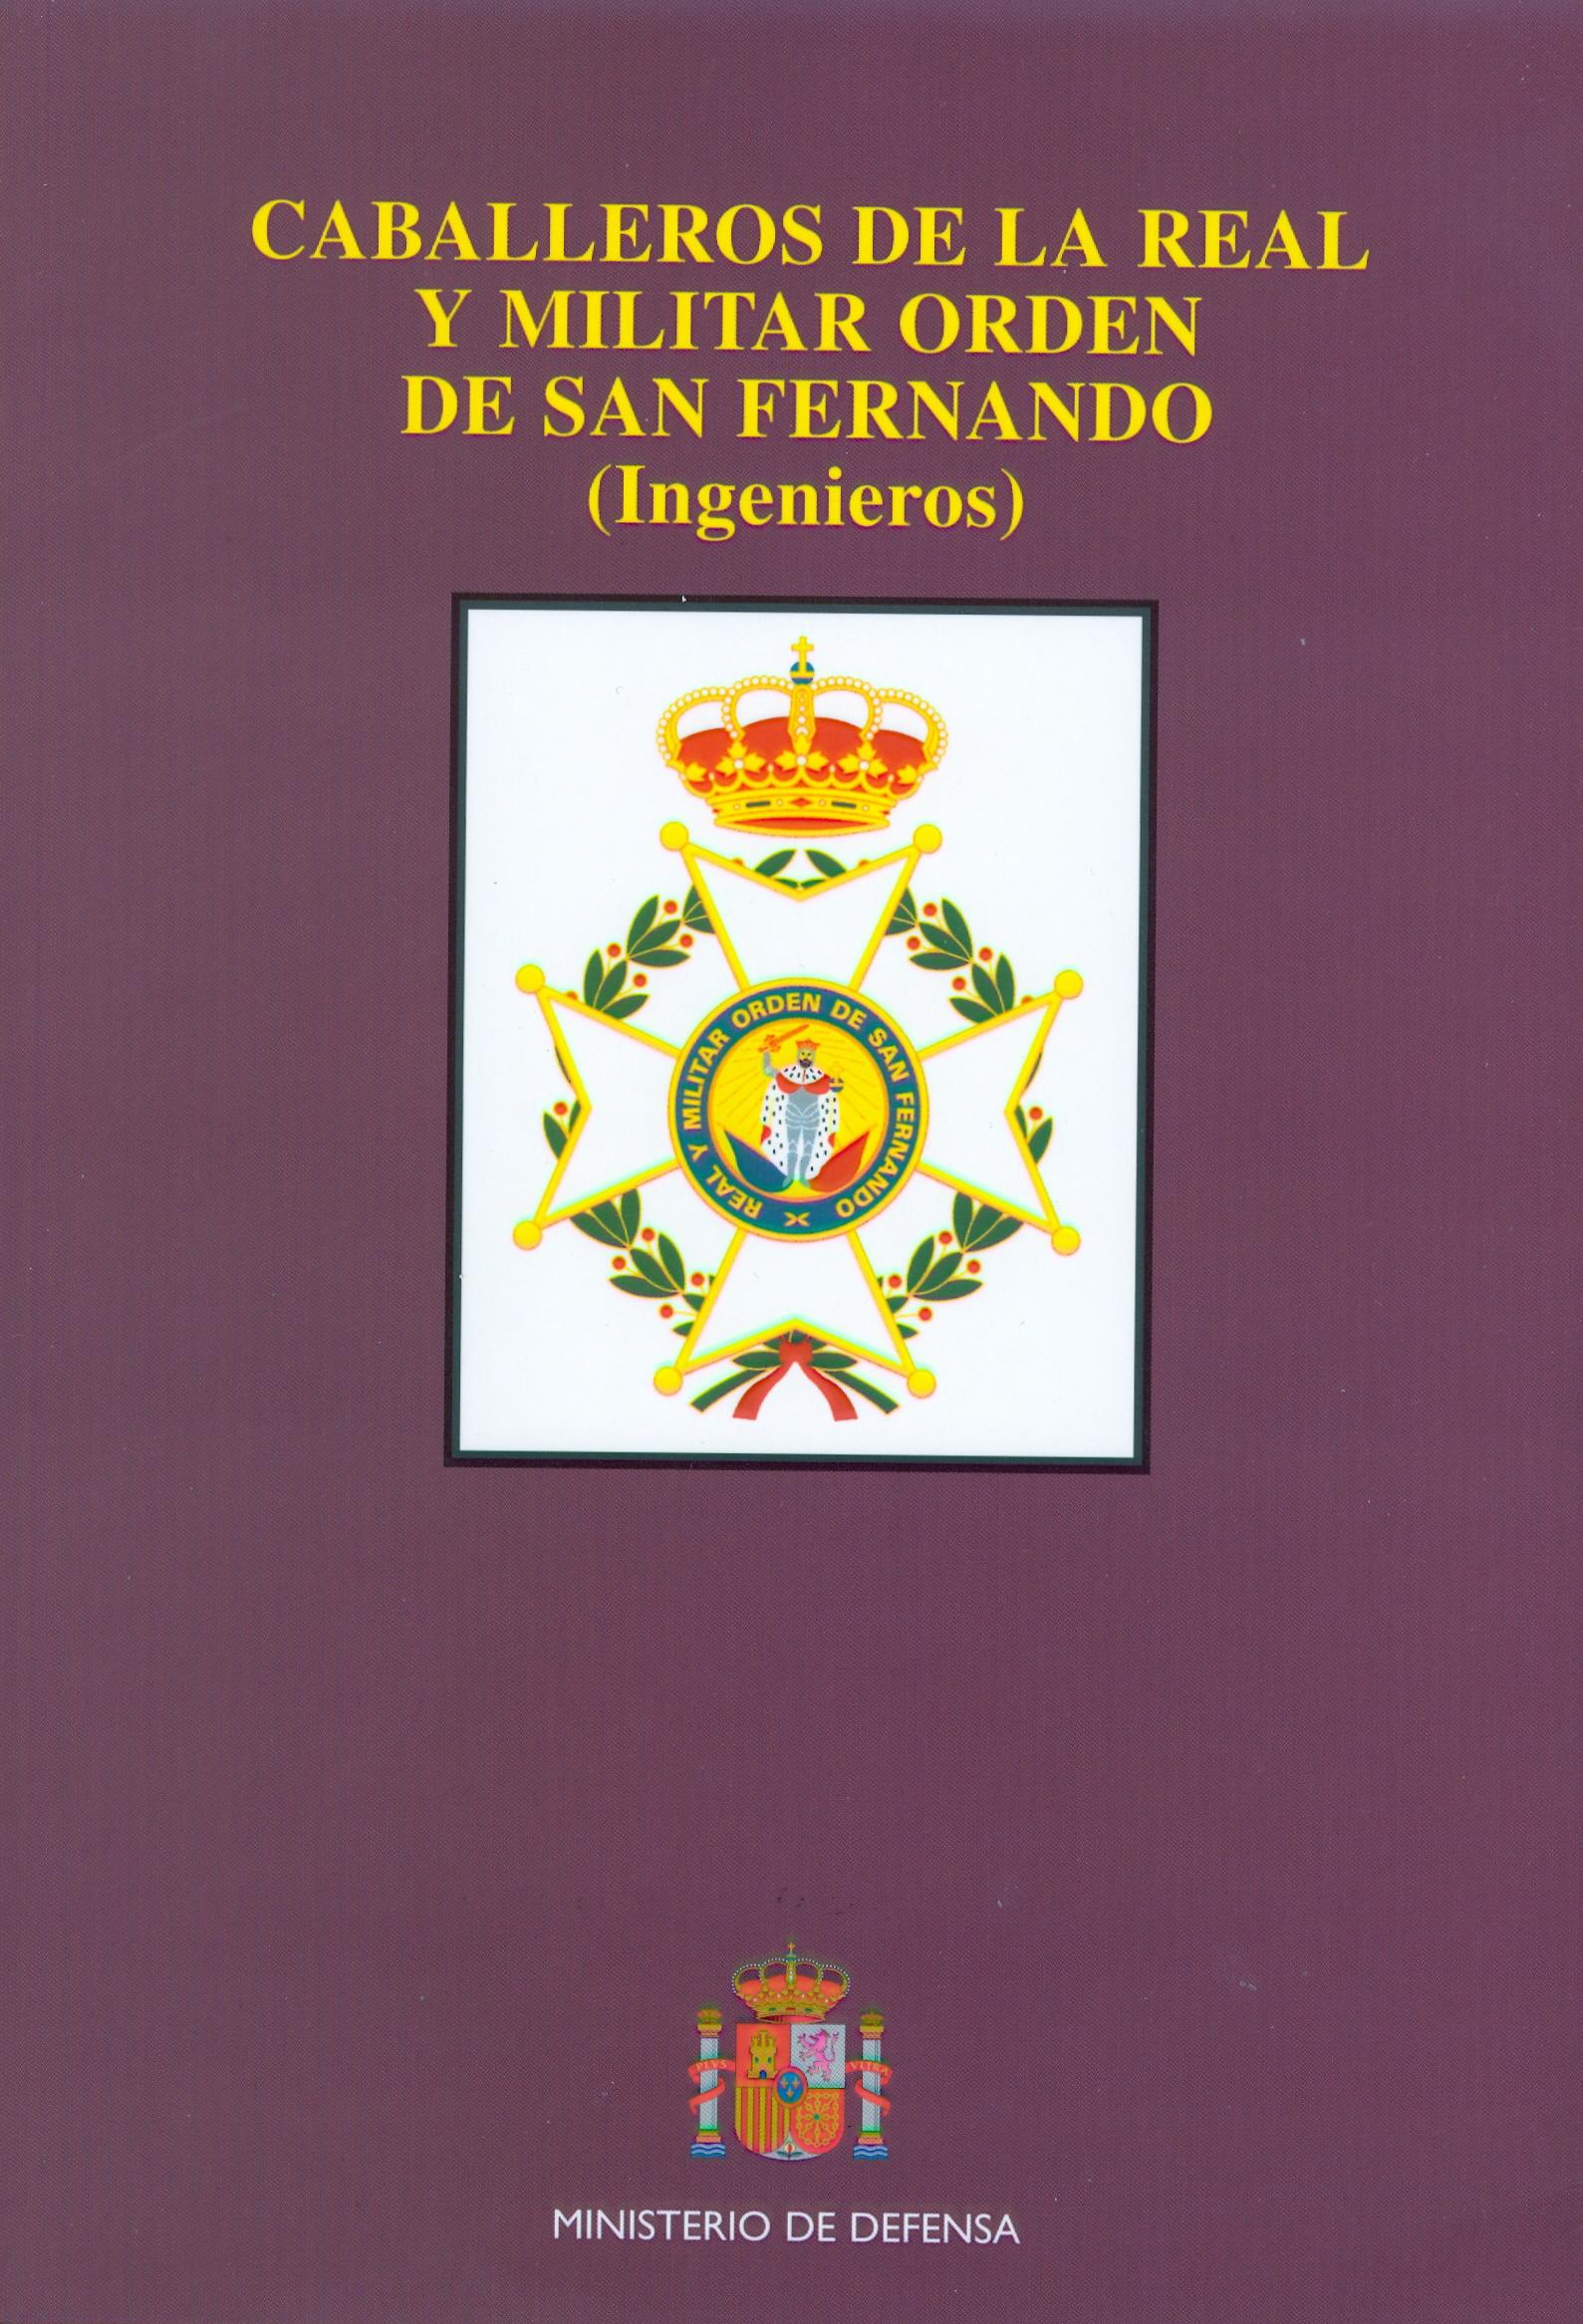 Caballeros. O.M.S.Fernando. Obra completa. Cor. Carrillo